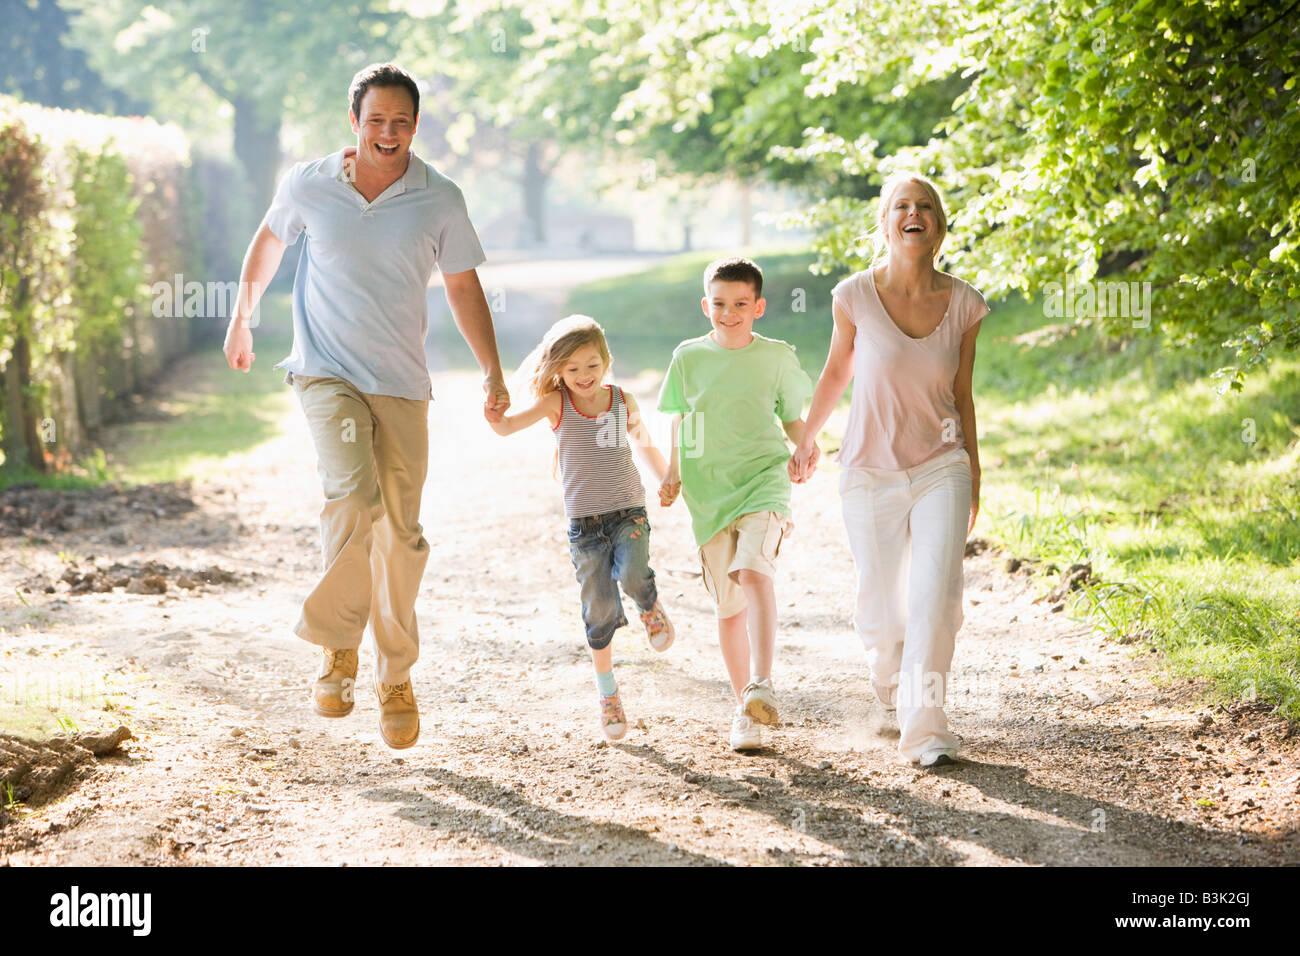 Ejecuta la familia afuera, tomados de la mano y sonriendo Imagen De Stock